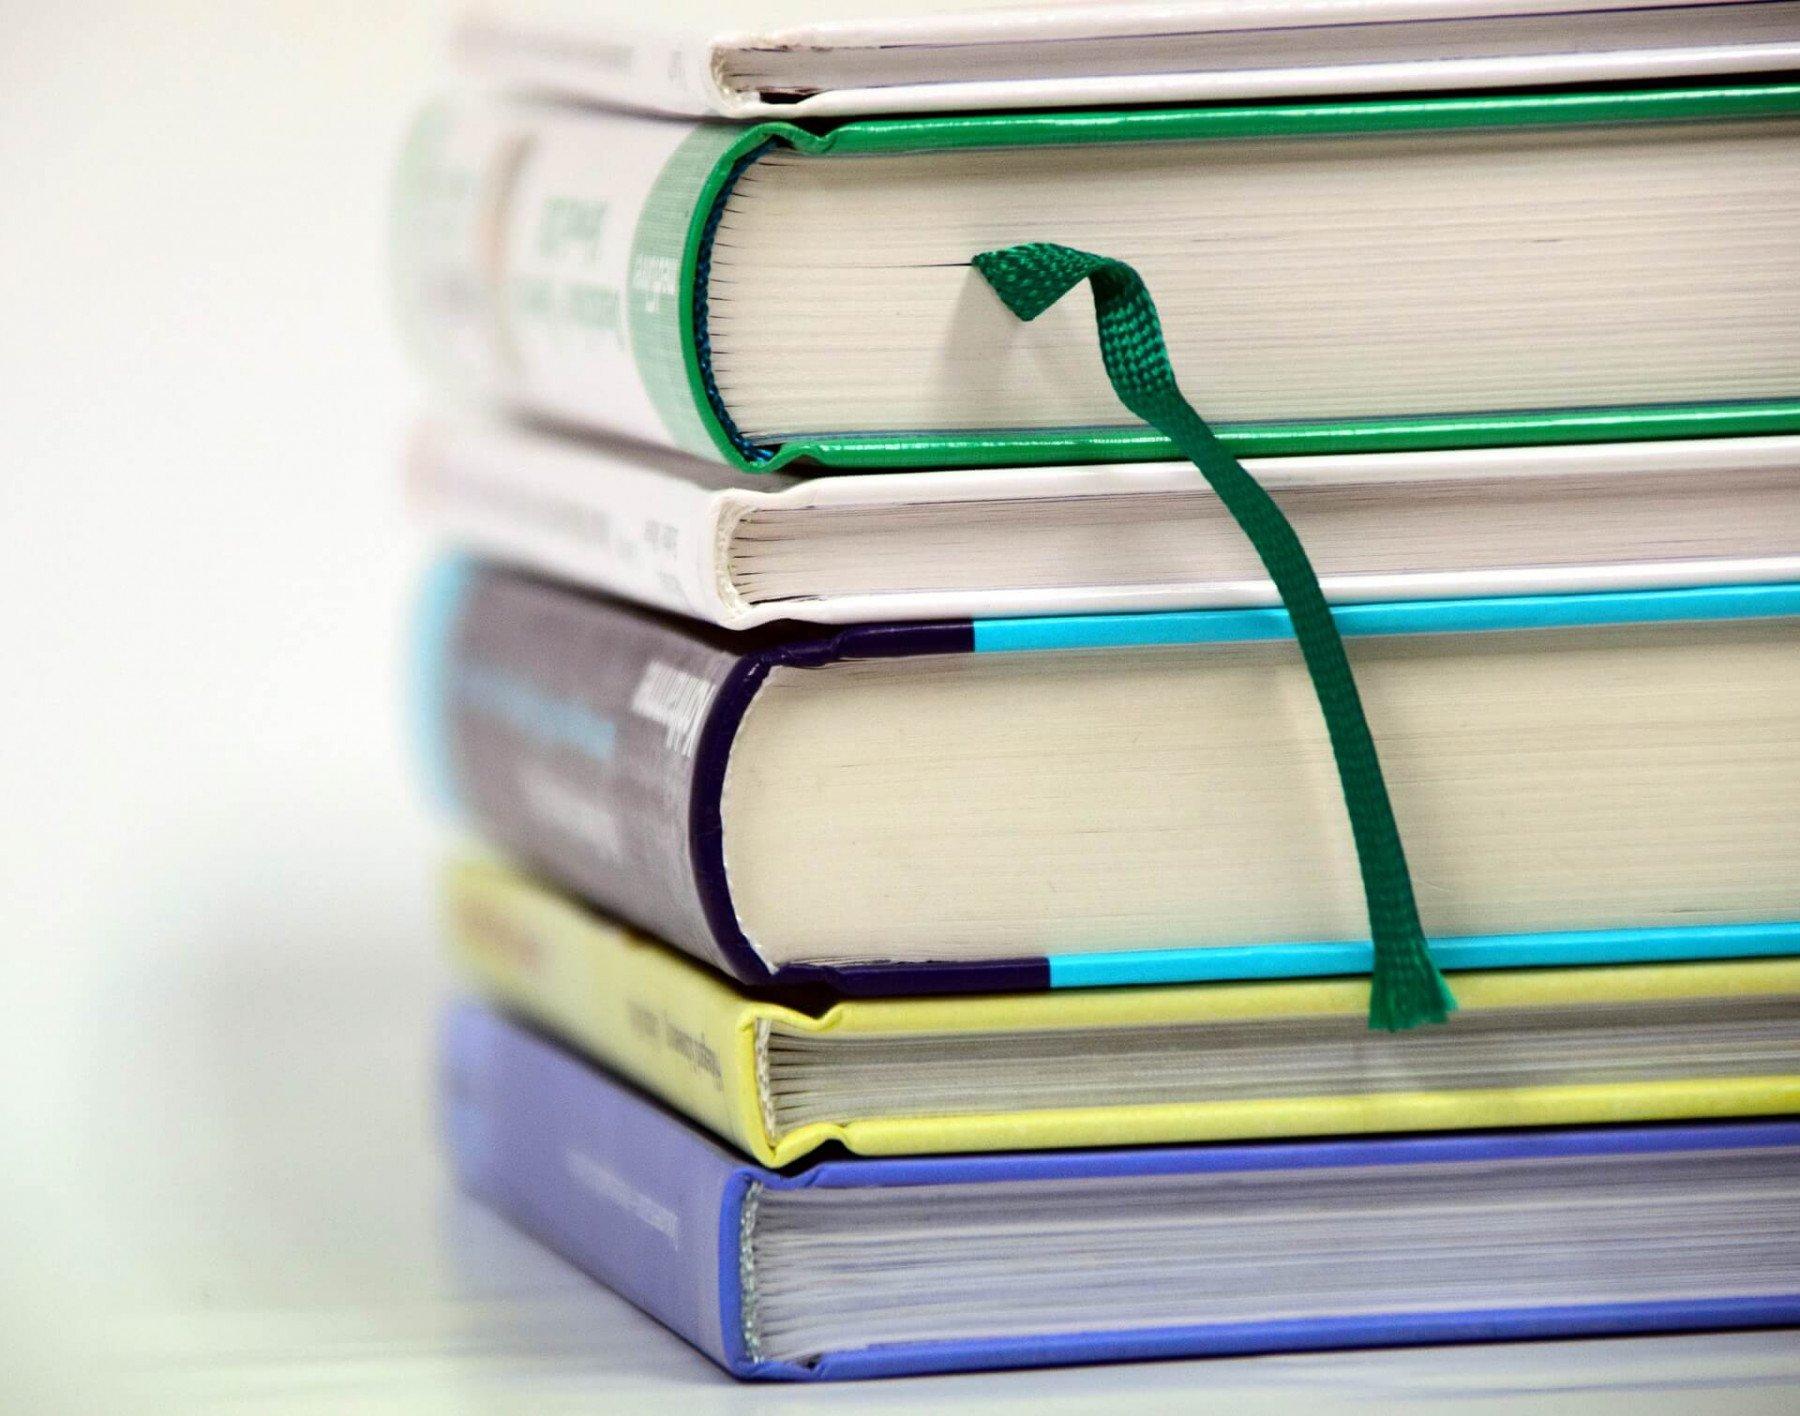 Sex stycken böcker ligger på varandra på ett bord